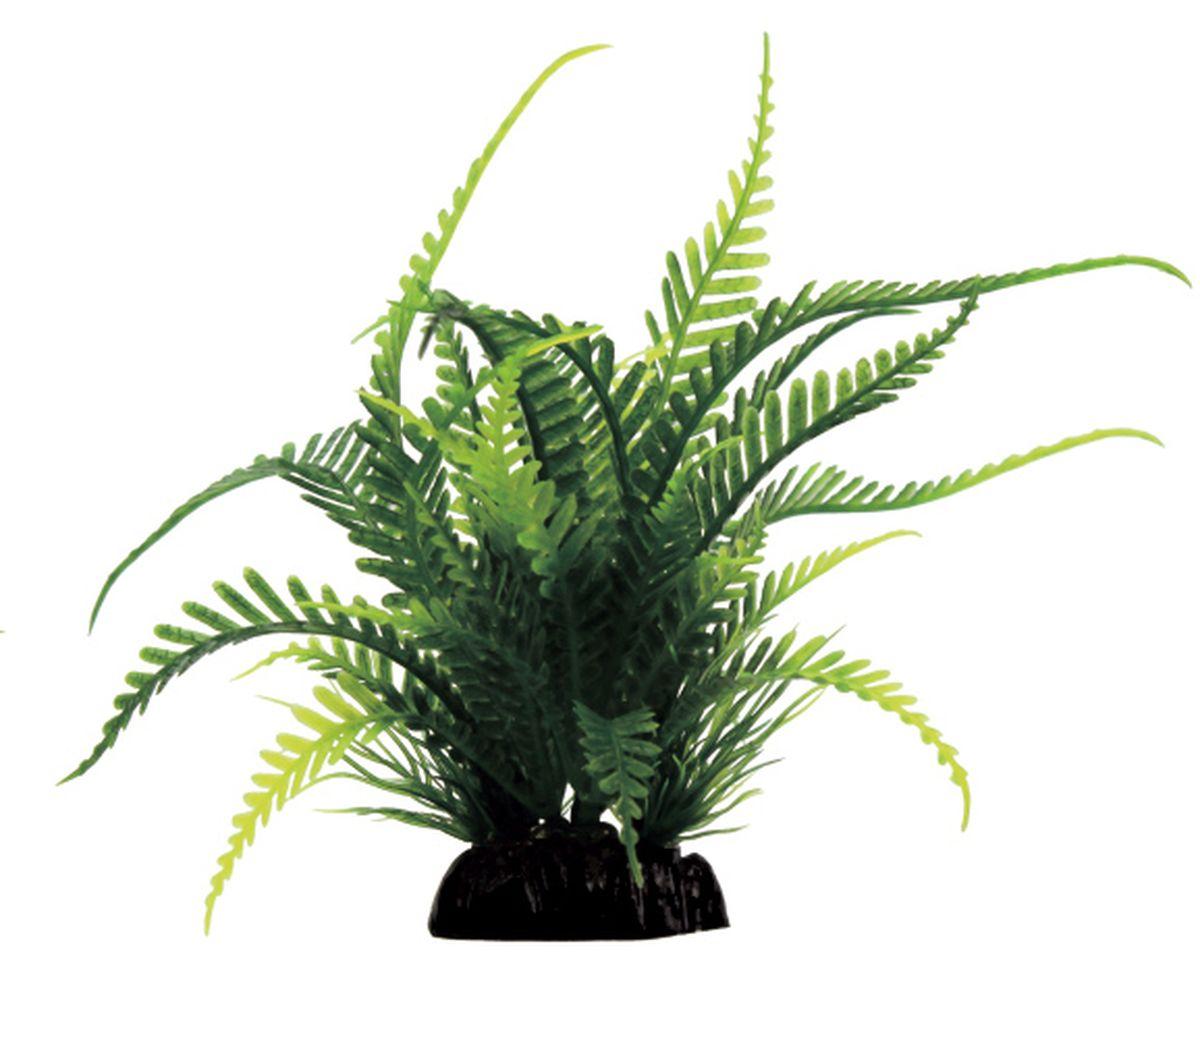 Растение для аквариума ArtUniq Папоротник, 15 x 8 x 15 смART-1130903Композиция из искусственных растений ArtUniq превосходно украсит и оживит аквариум.Растения - это важная часть любой композиции, они помогут вдохнуть жизнь в ландшафт любого аквариума или террариума. А их сходствос природными порадует даже самых взыскательных ценителей.